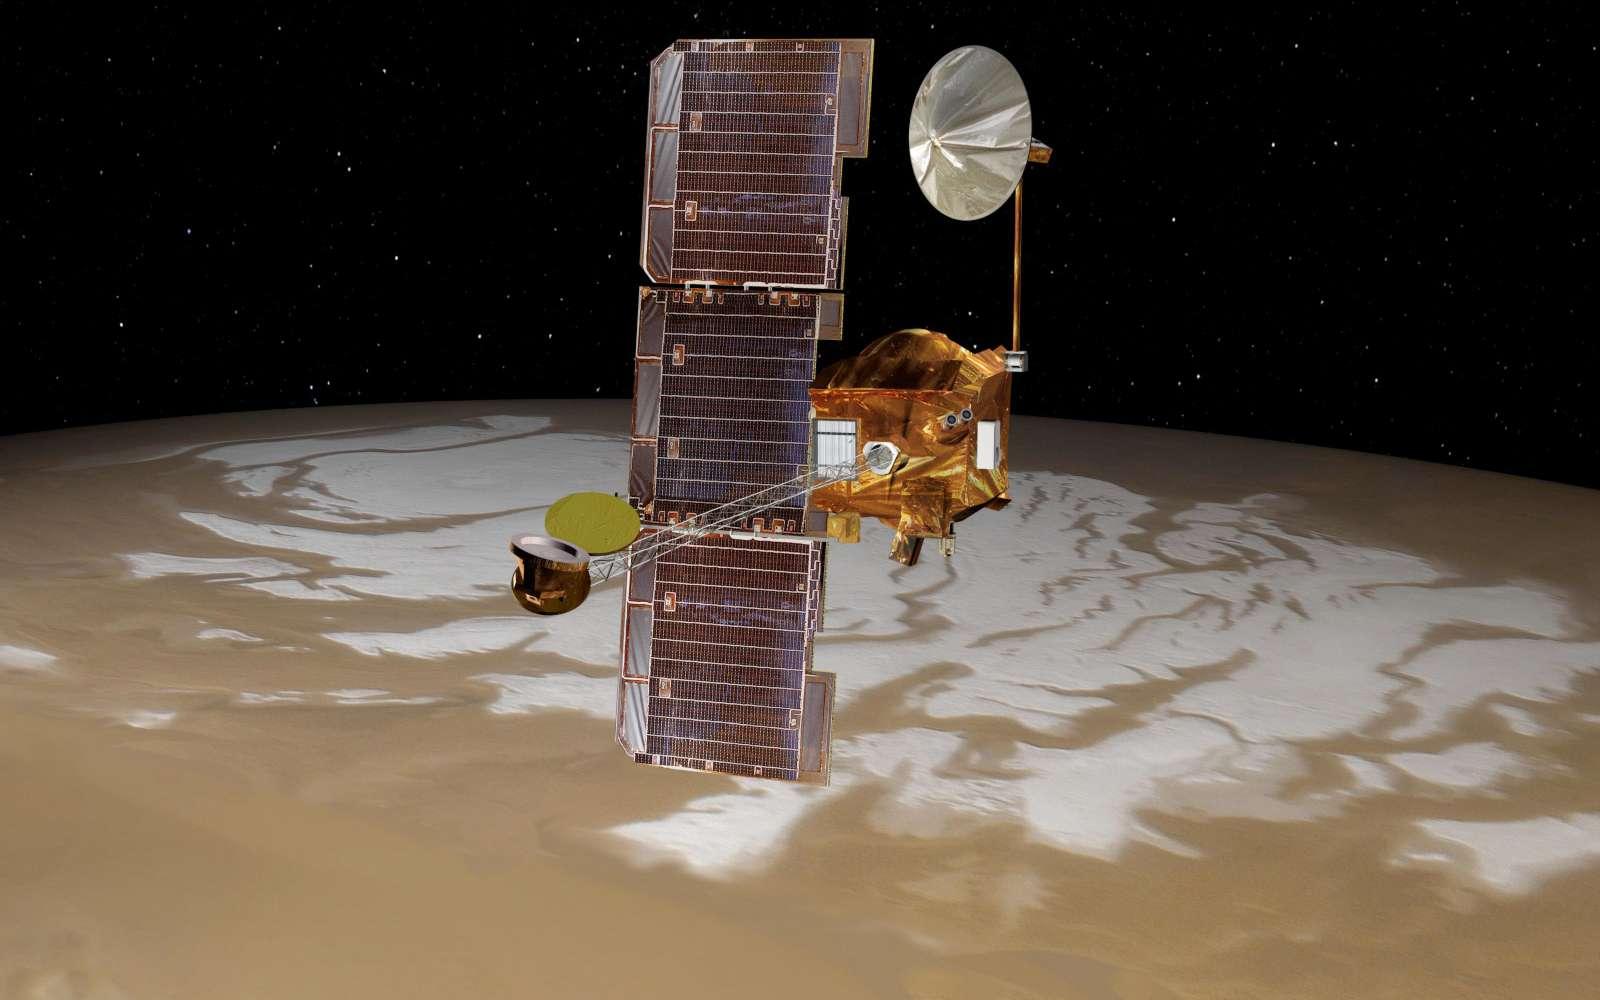 La sonde Mars Odyssey a un aspect caractéristique, avec son mât de six mètres à l'extrémité duquel se trouve le spectromètre gamma de la sonde. Un nouveau changement de son orbite est en cours, et sera finalisé en novembre 2015. © Nasa, JPL